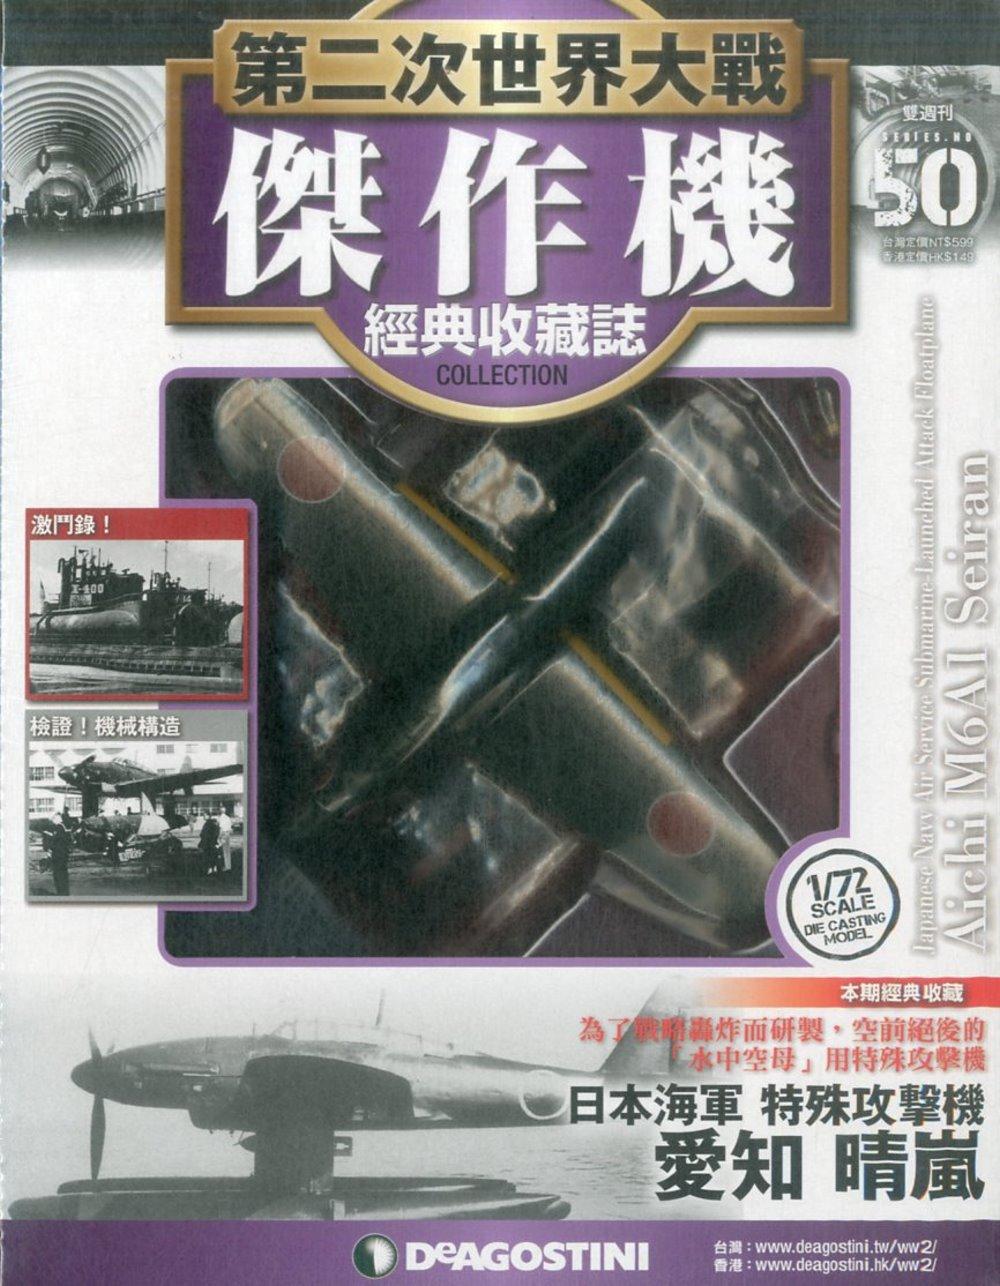 第二次世界大戰傑作機經典收藏誌 2019/2/19第50期